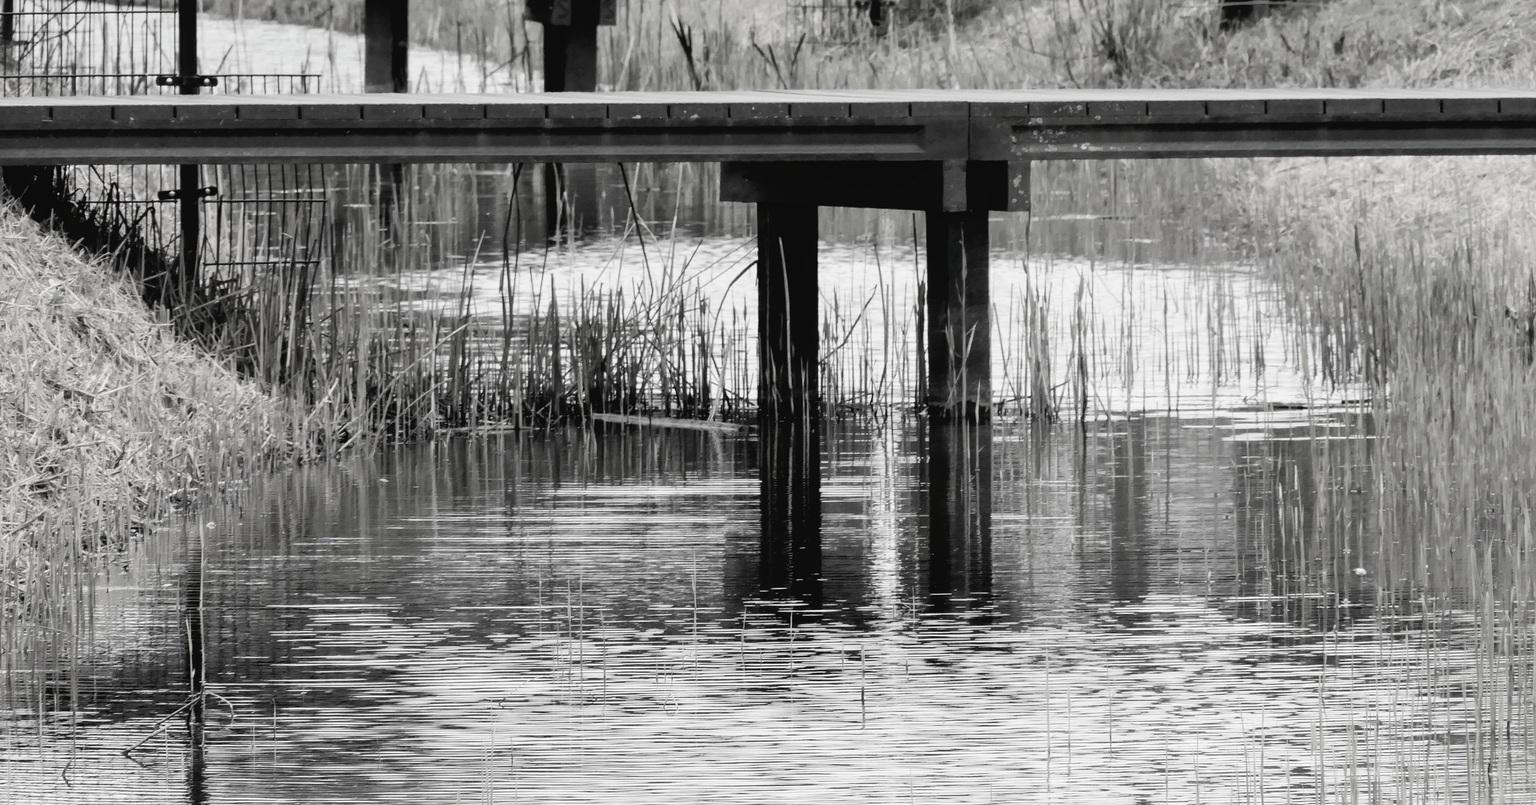 Bridge over troubled water - Je moet er wel over om verder te komen  - foto door Ingridpronk op 14-04-2021 - locatie: Oss, Nederland - deze foto bevat: water, fabriek, watervoorraden, natuurlijk landschap, zwart, afdeling, hout, meer, vegetatie, zwart en wit